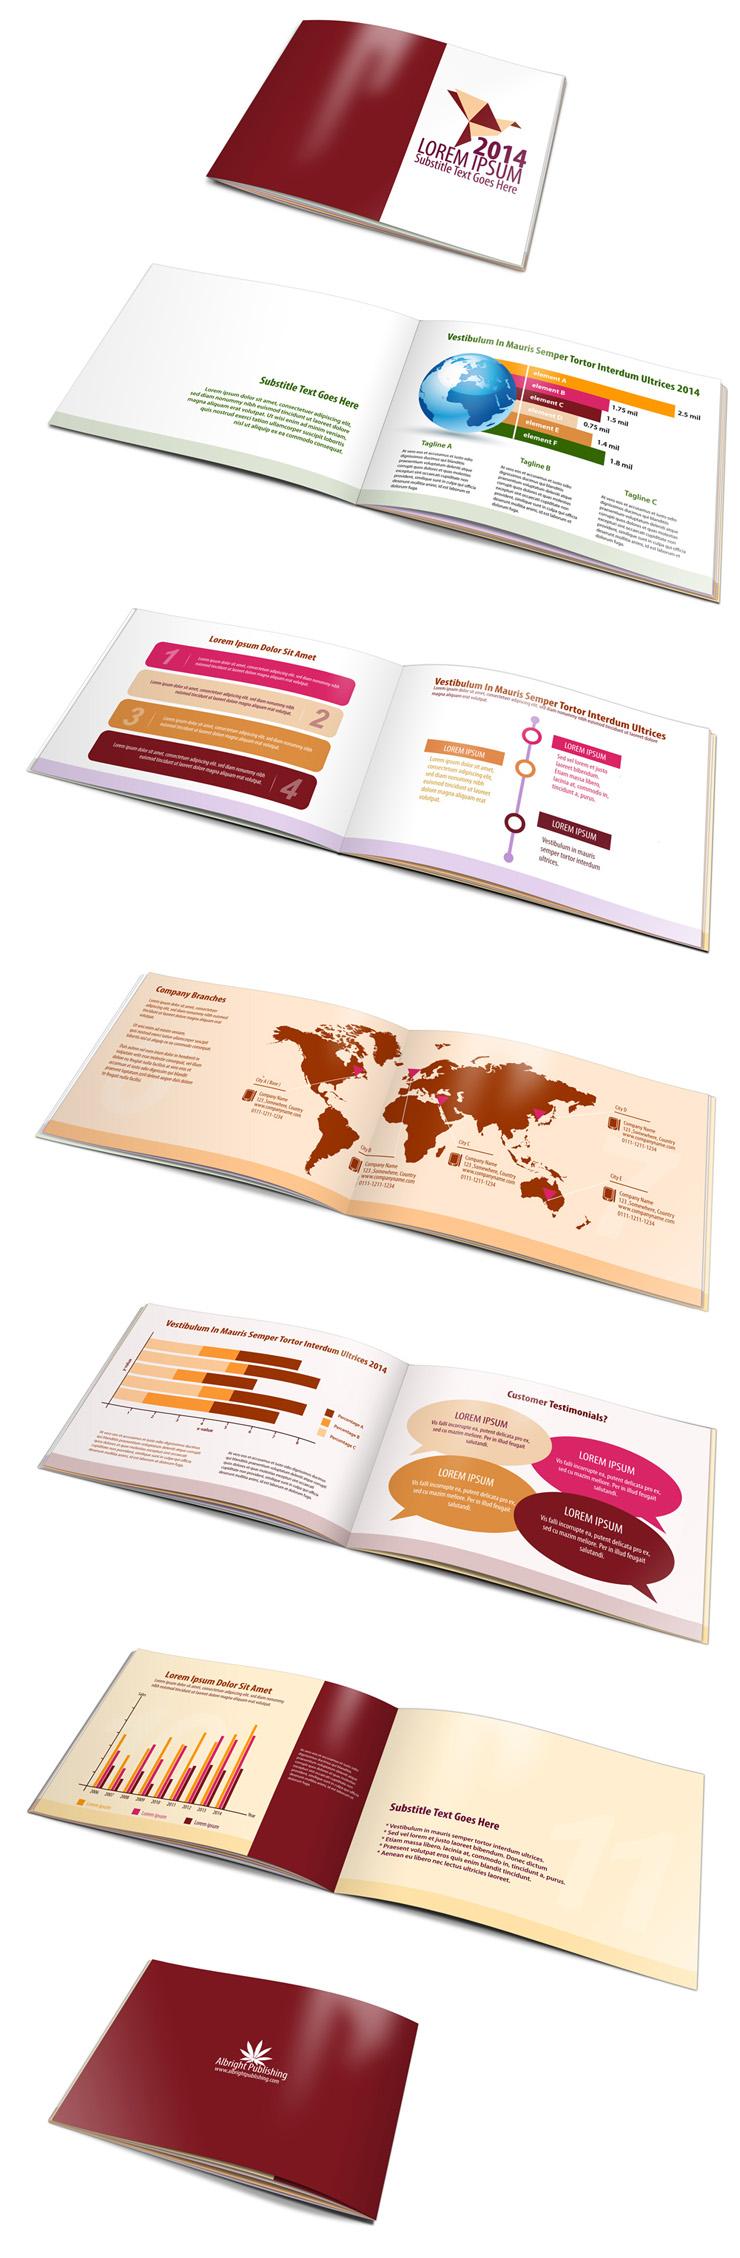 12 page a5 landscape brochure template